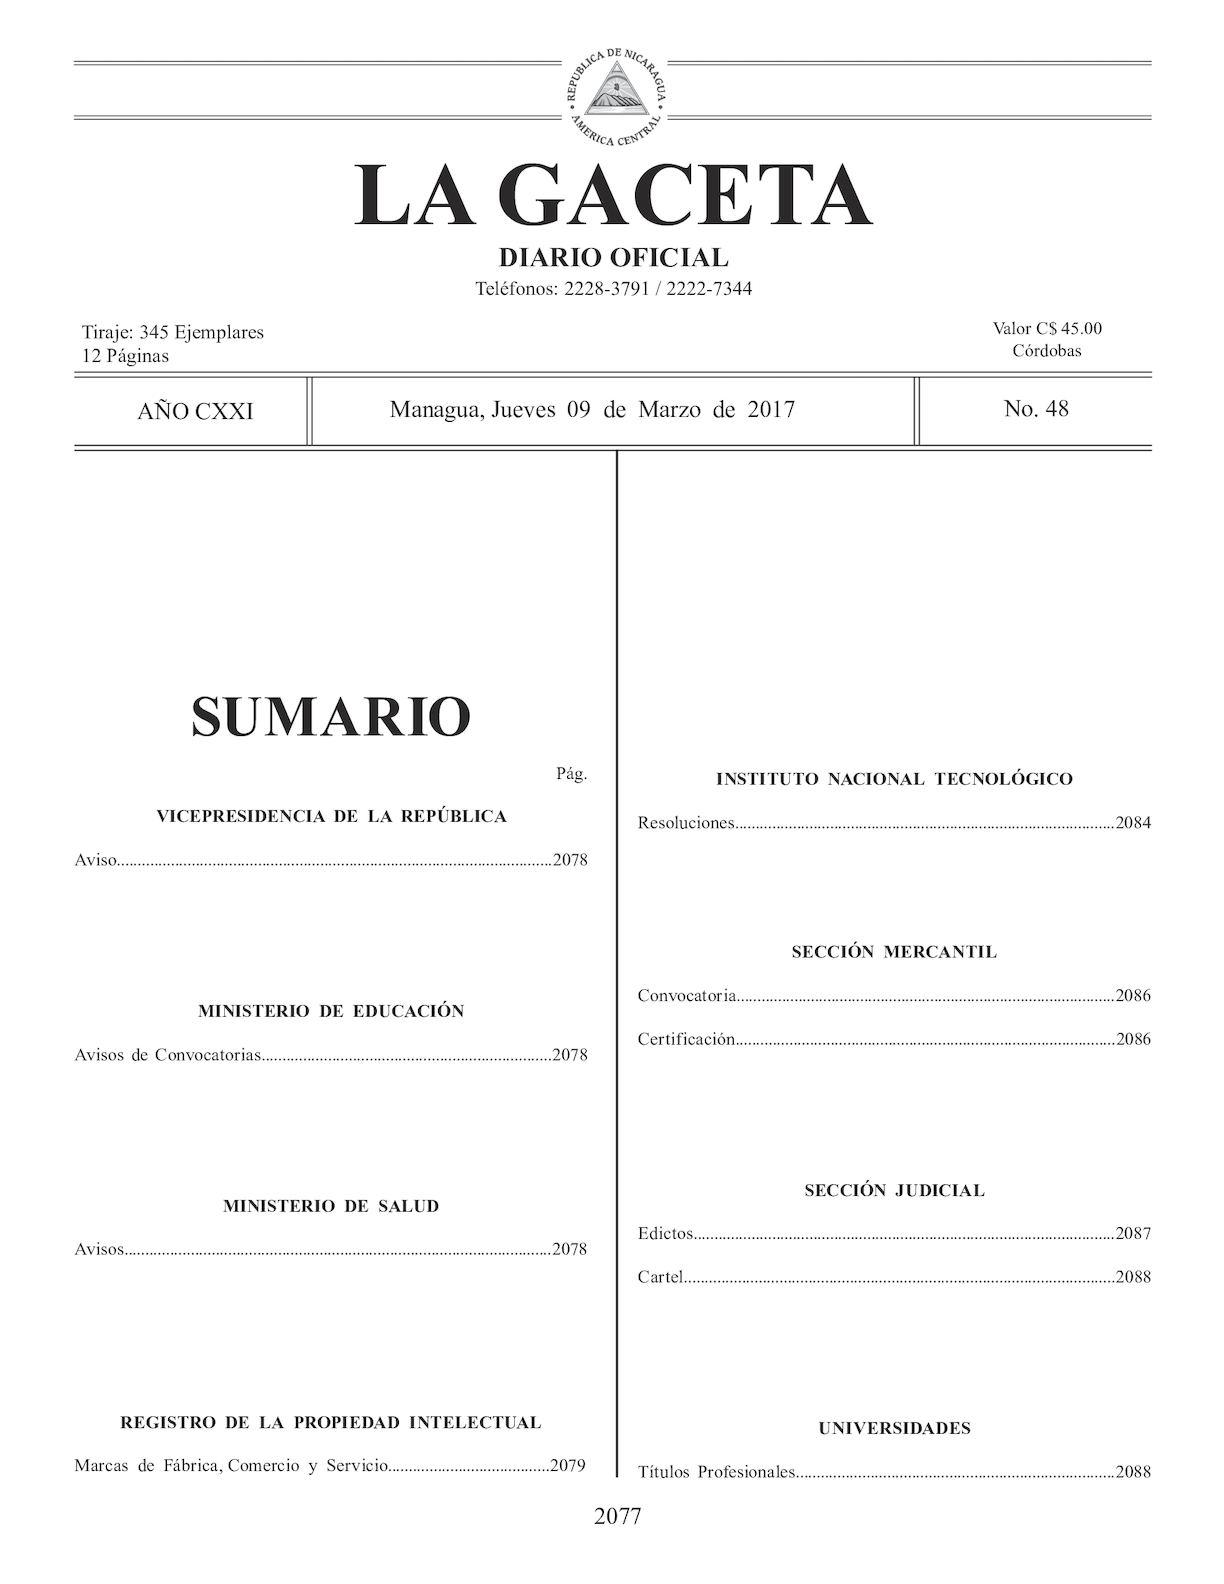 Calamo Gaceta No 48 Jueves 09 De Marzo 2017 Circuitos Miscelaneos